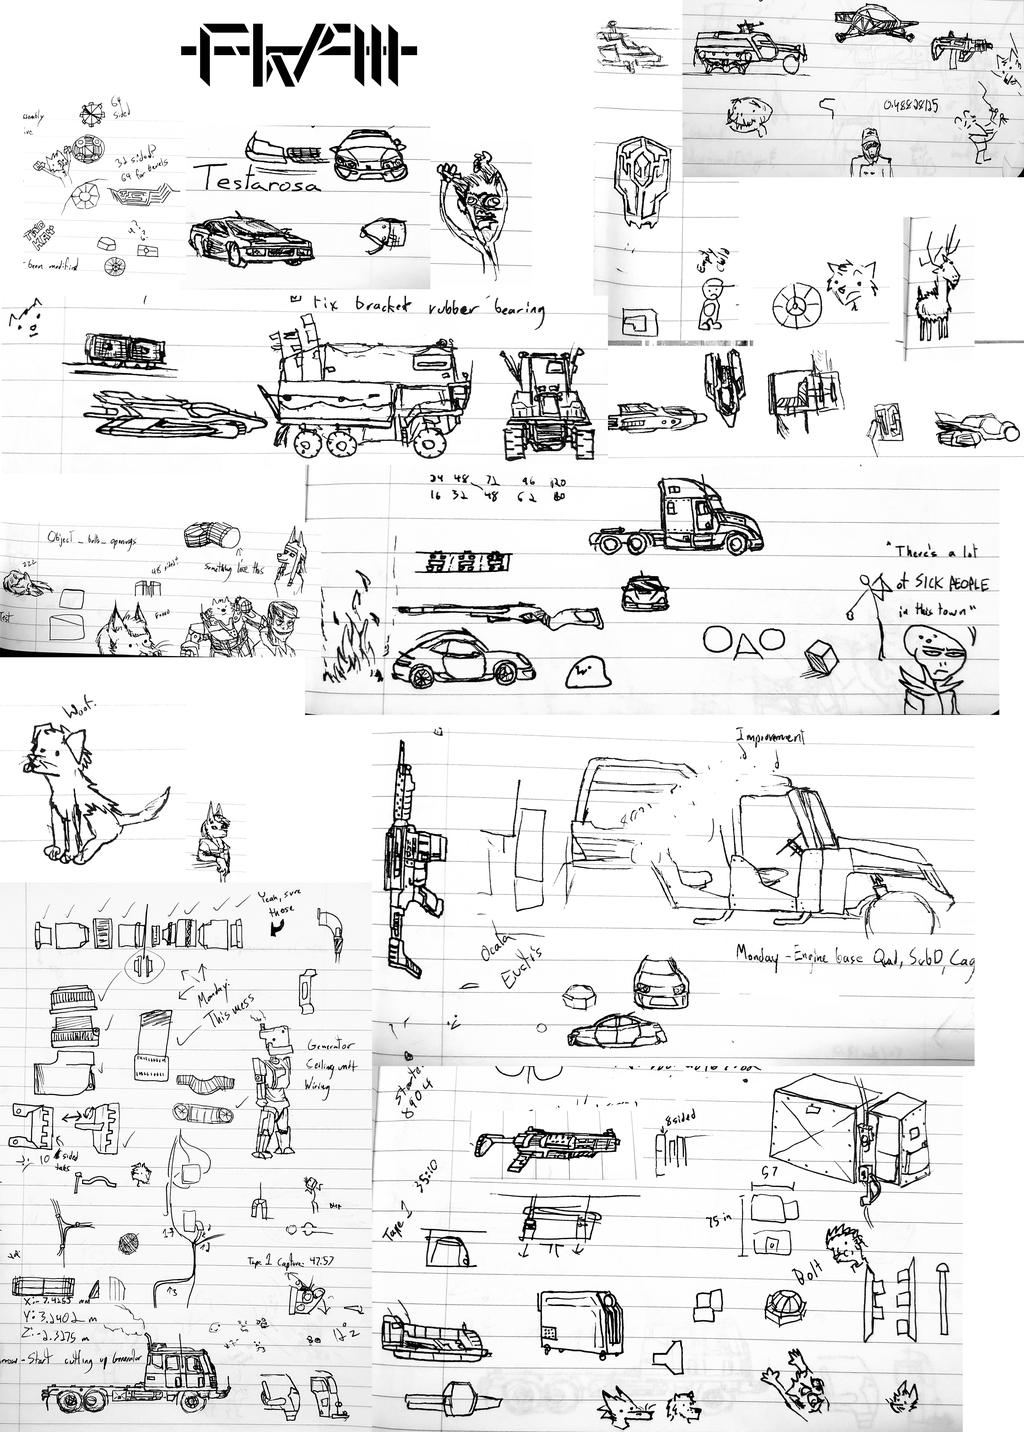 Workbook Sketches 04